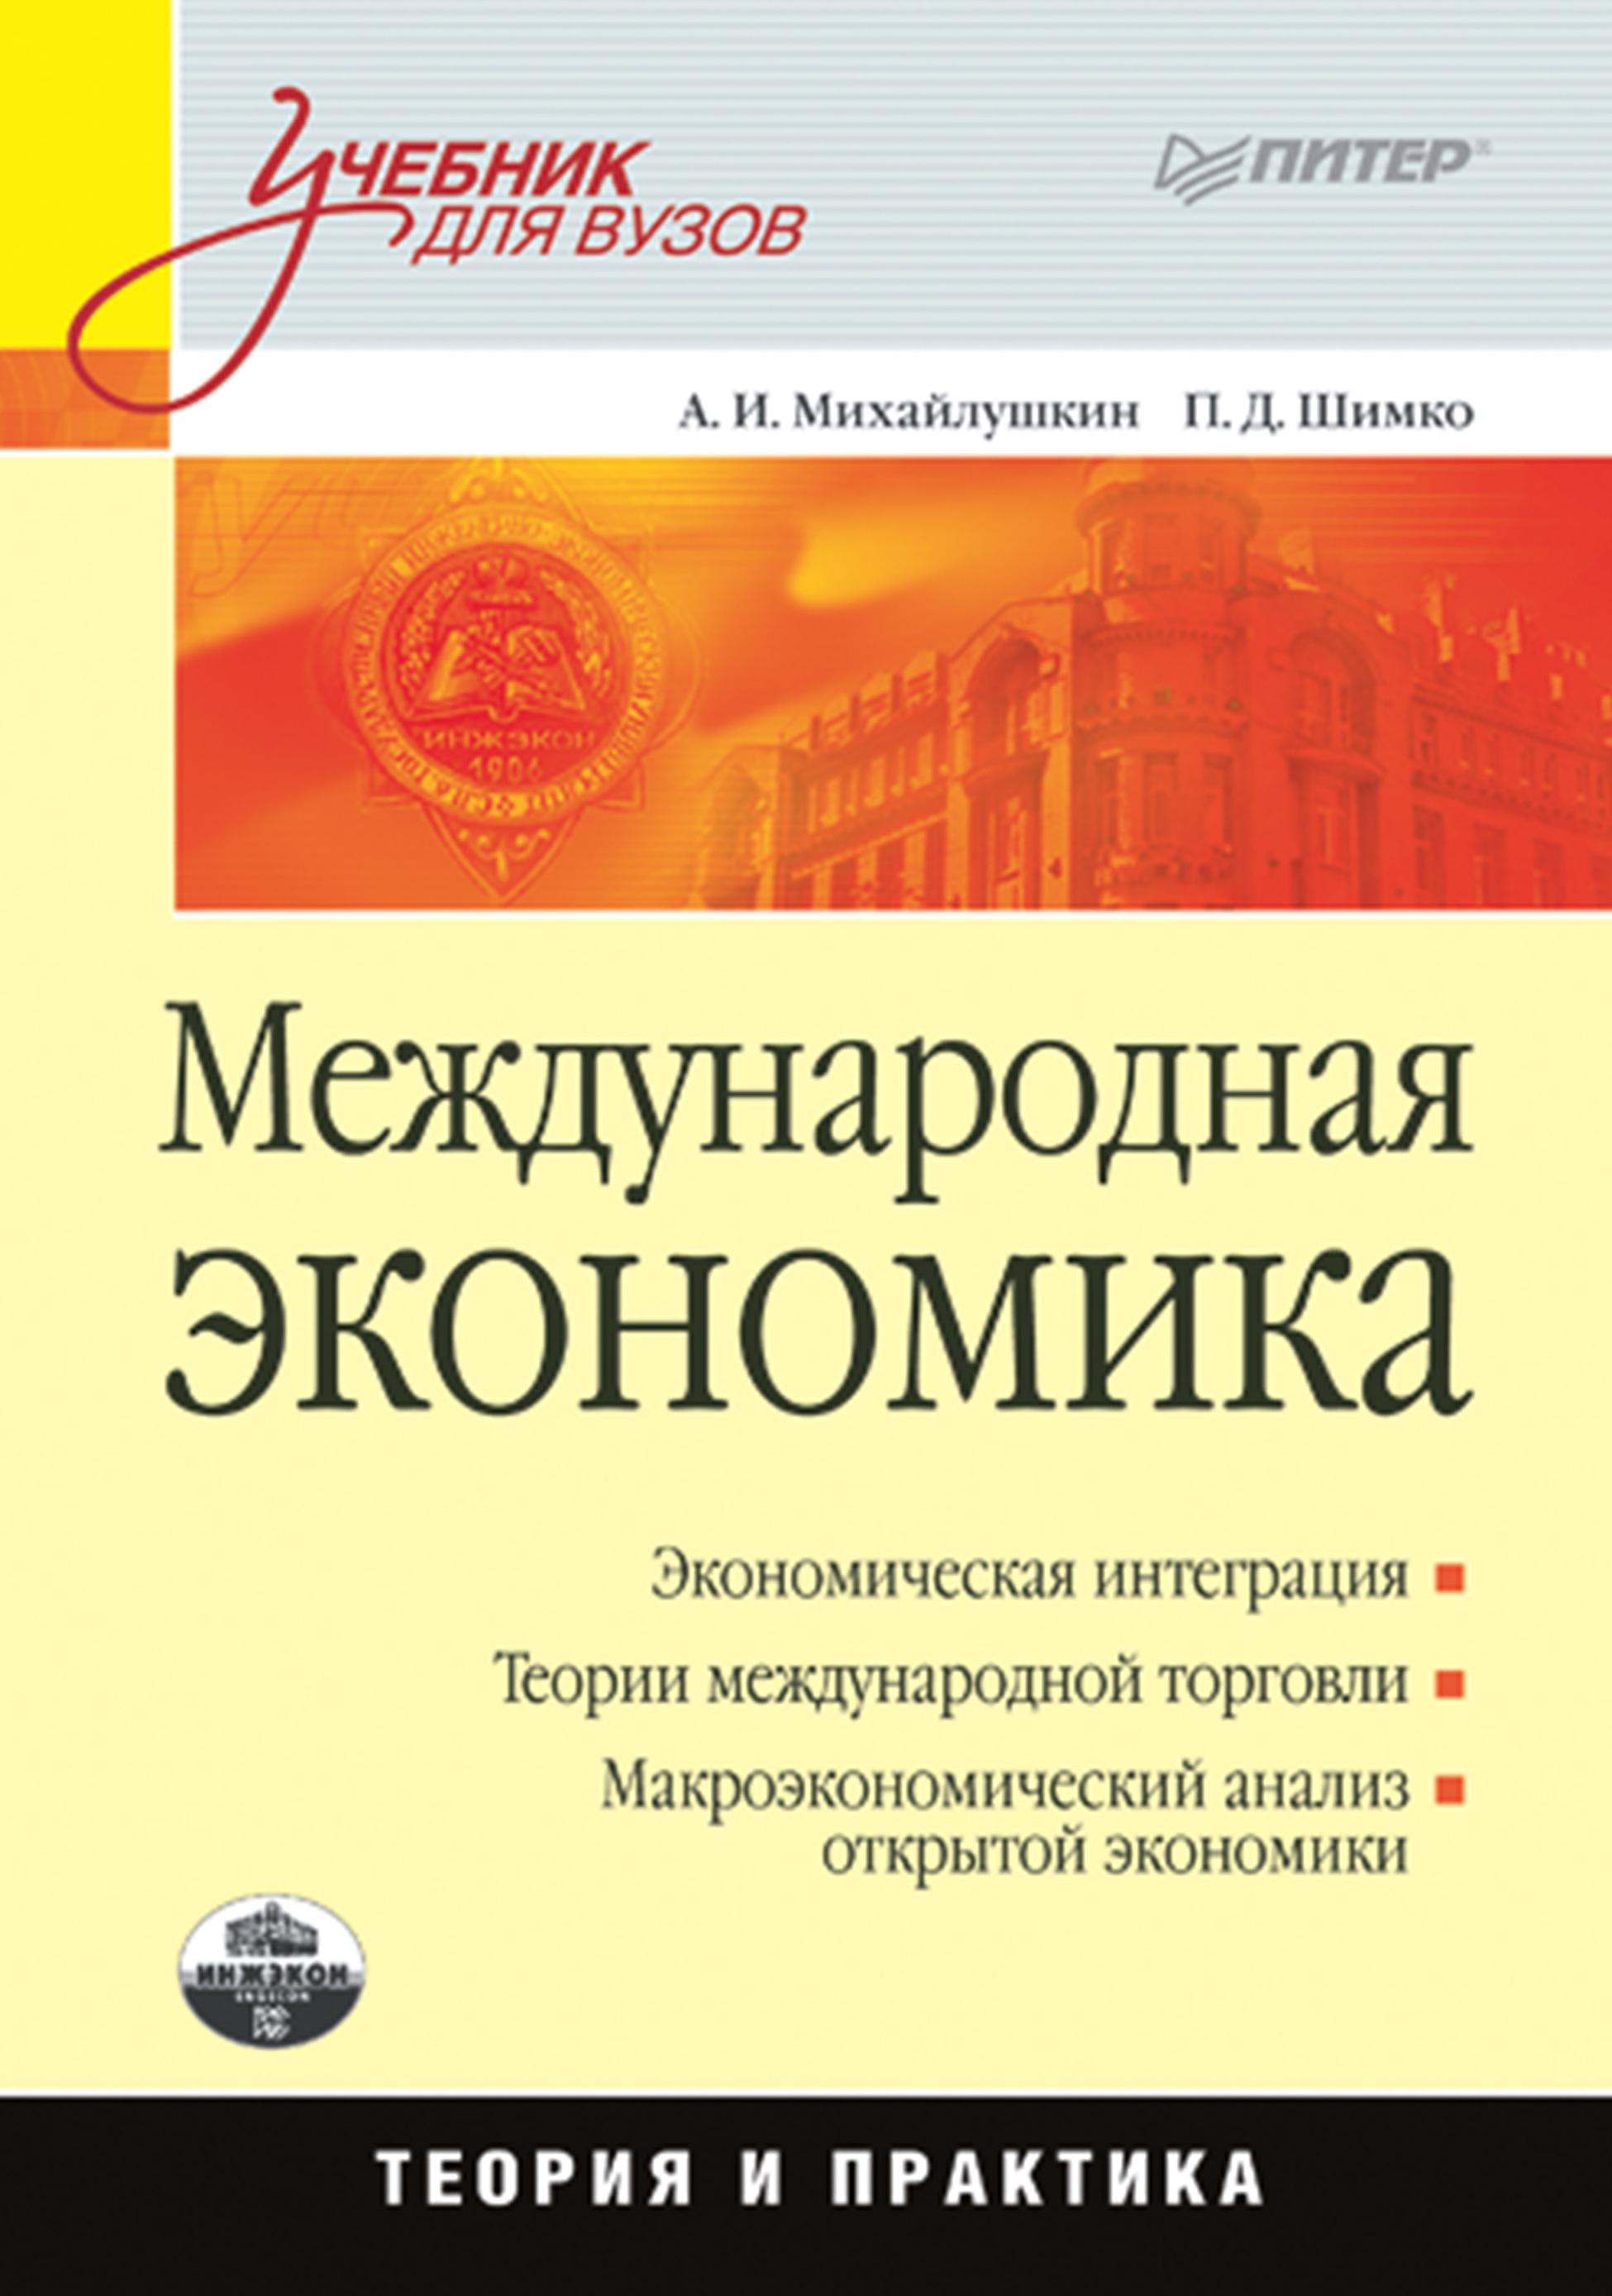 Международная экономика: теория и практика фото